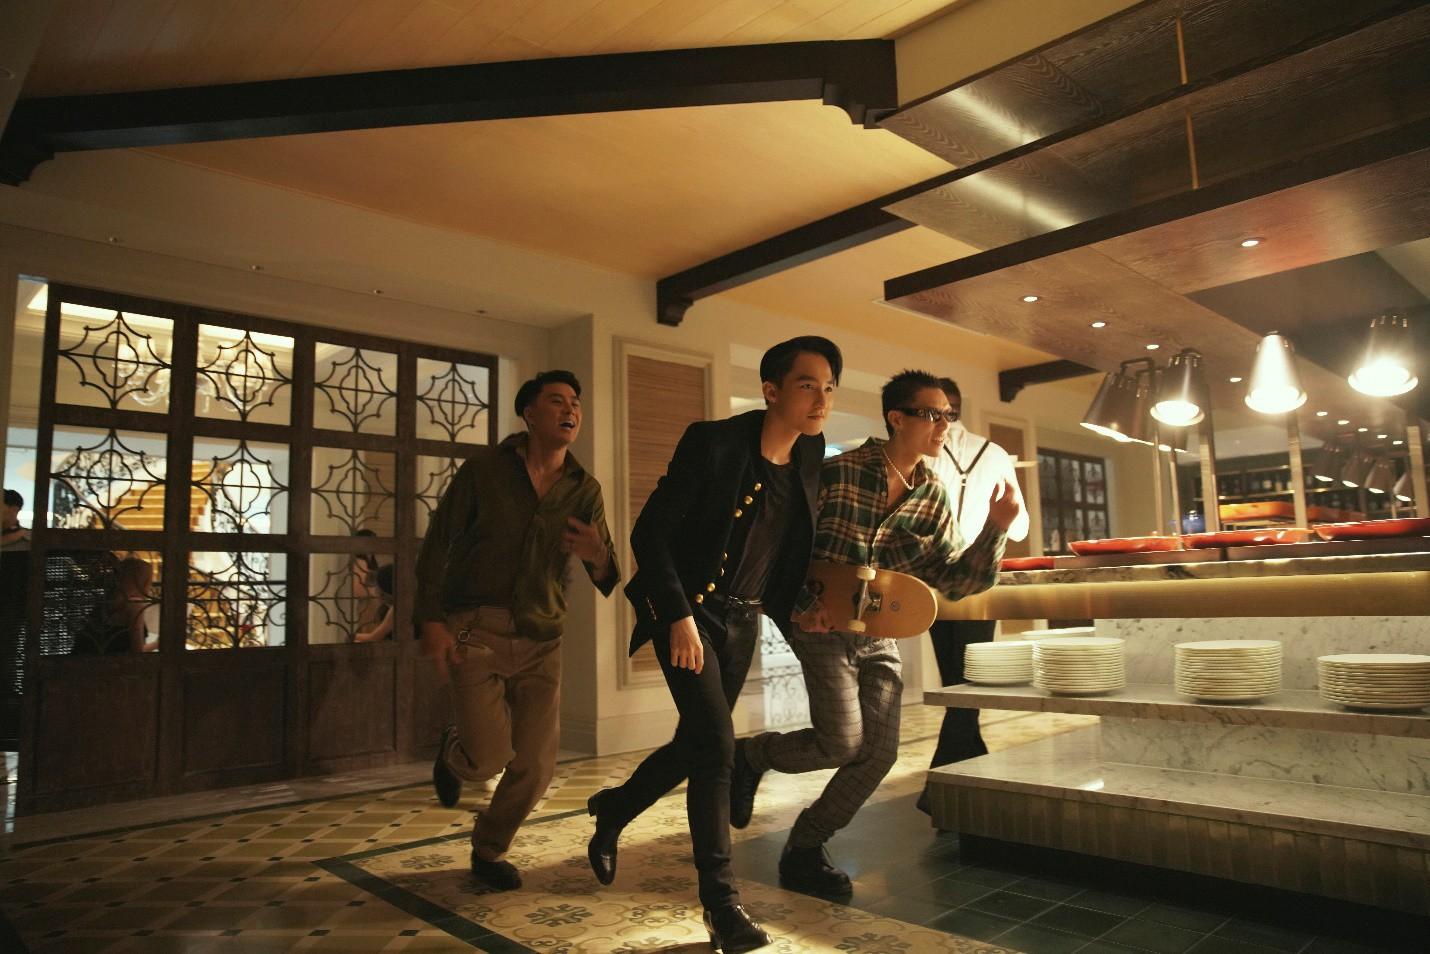 Chưa đầy 24 giờ, video quảng bá OPPO Reno2 Series của Sơn Tùng M-TP đạt hơn 8 triệu views - Ảnh 3.